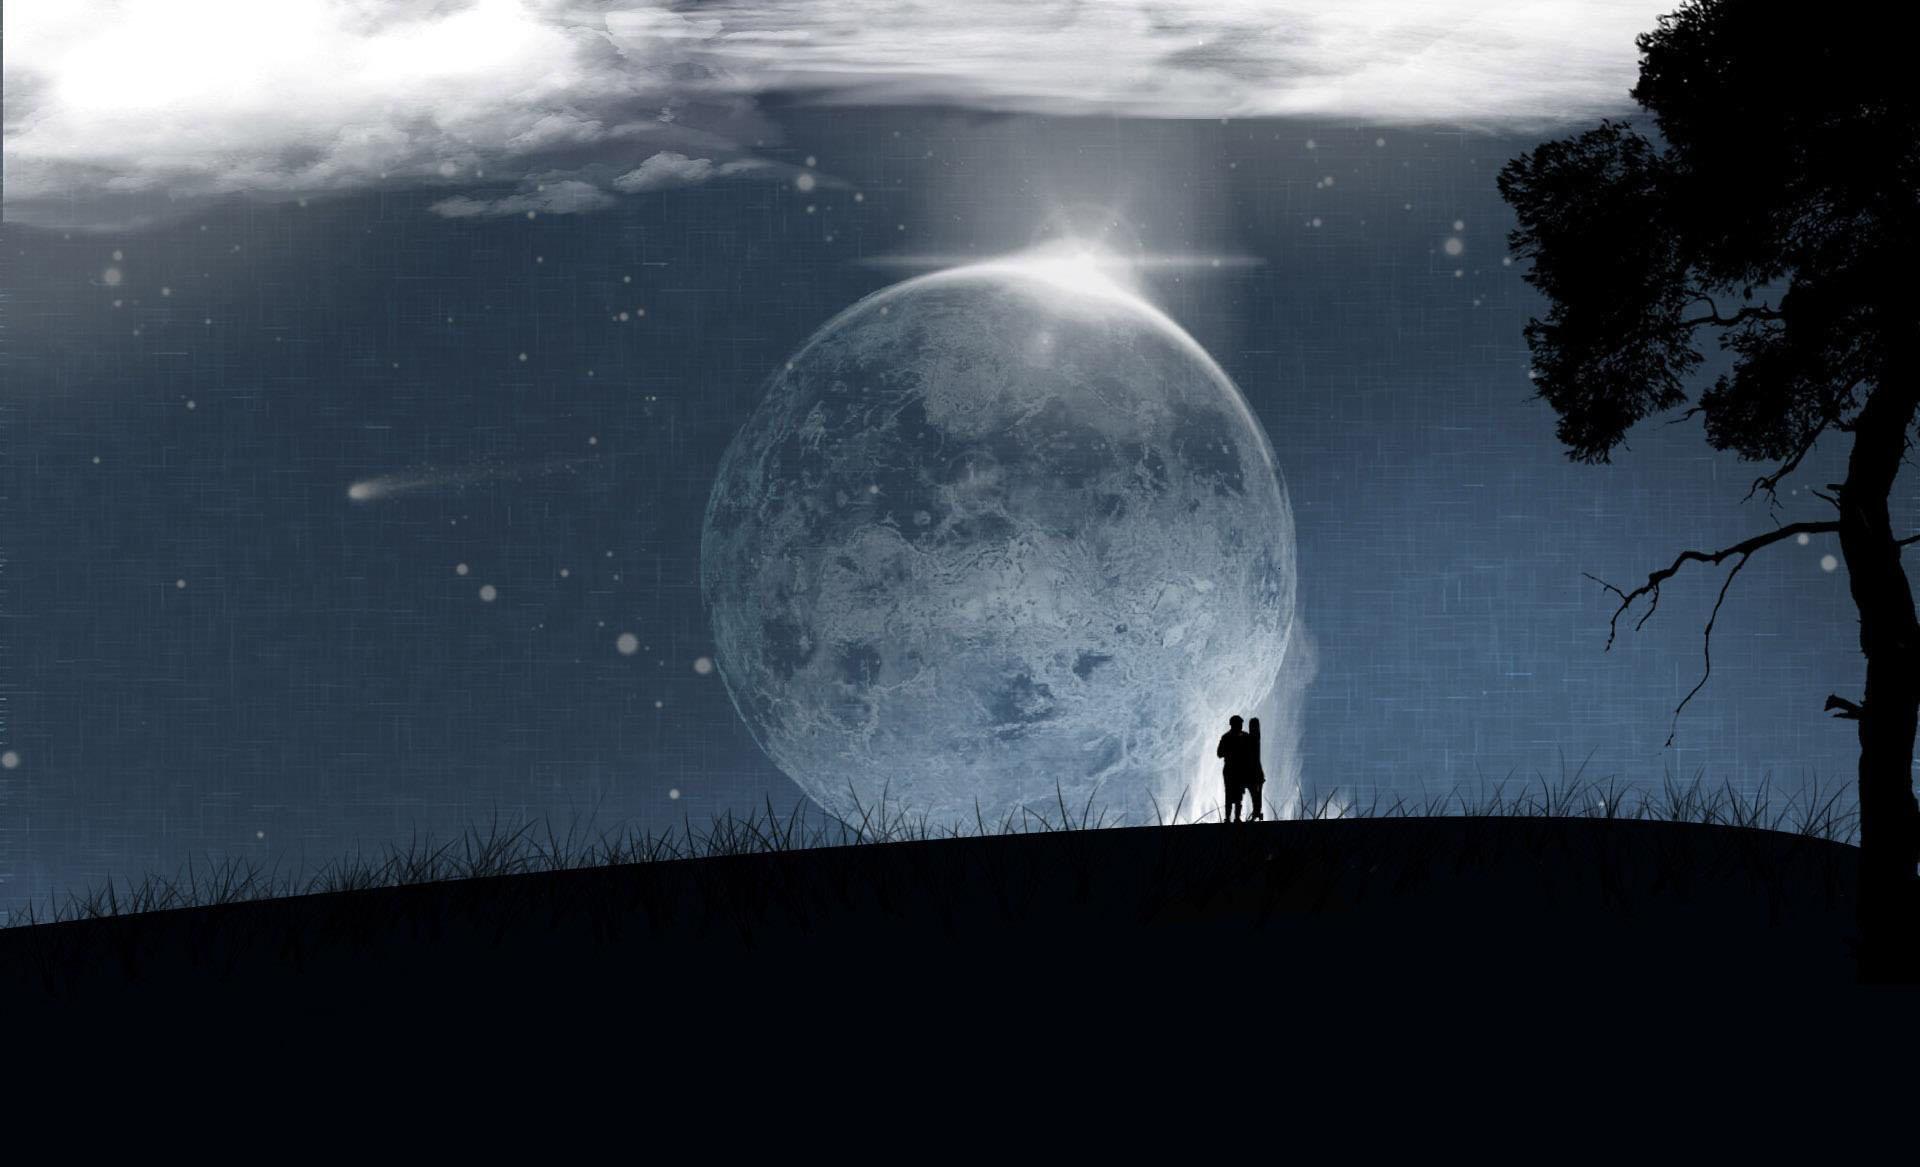 Ảnh đẹp và độc đáo của mặt trăng